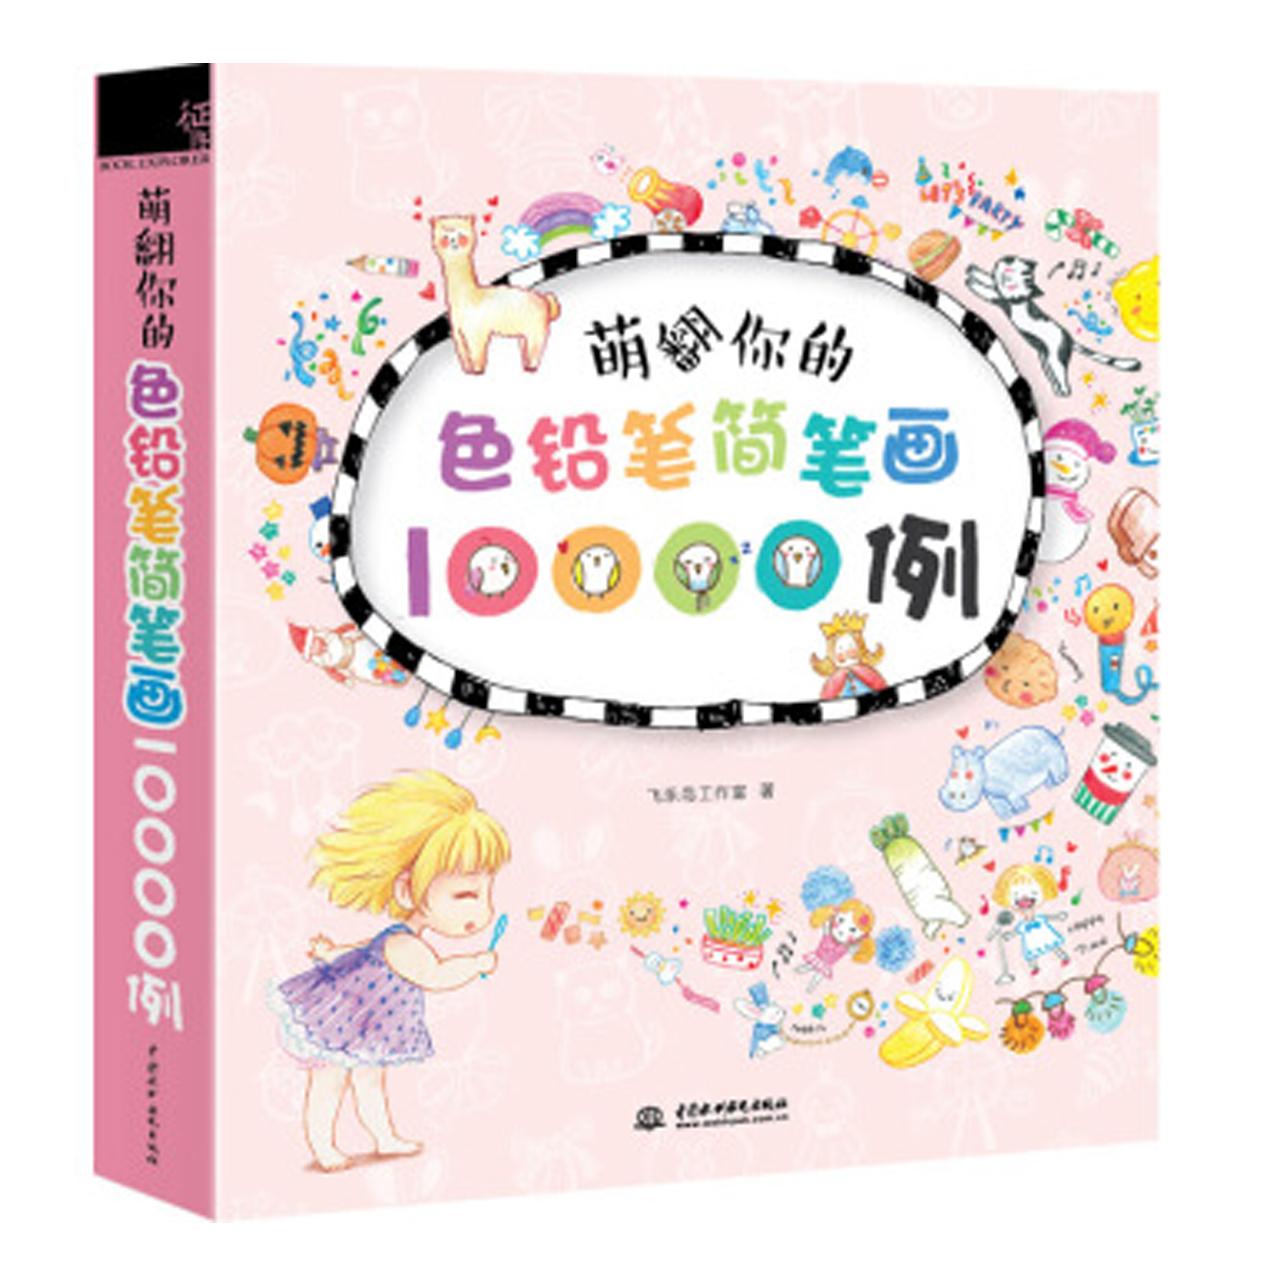 萌翻你的色铅笔简笔画10000例【儿童绘画/儿童绘画本/基础绘画】